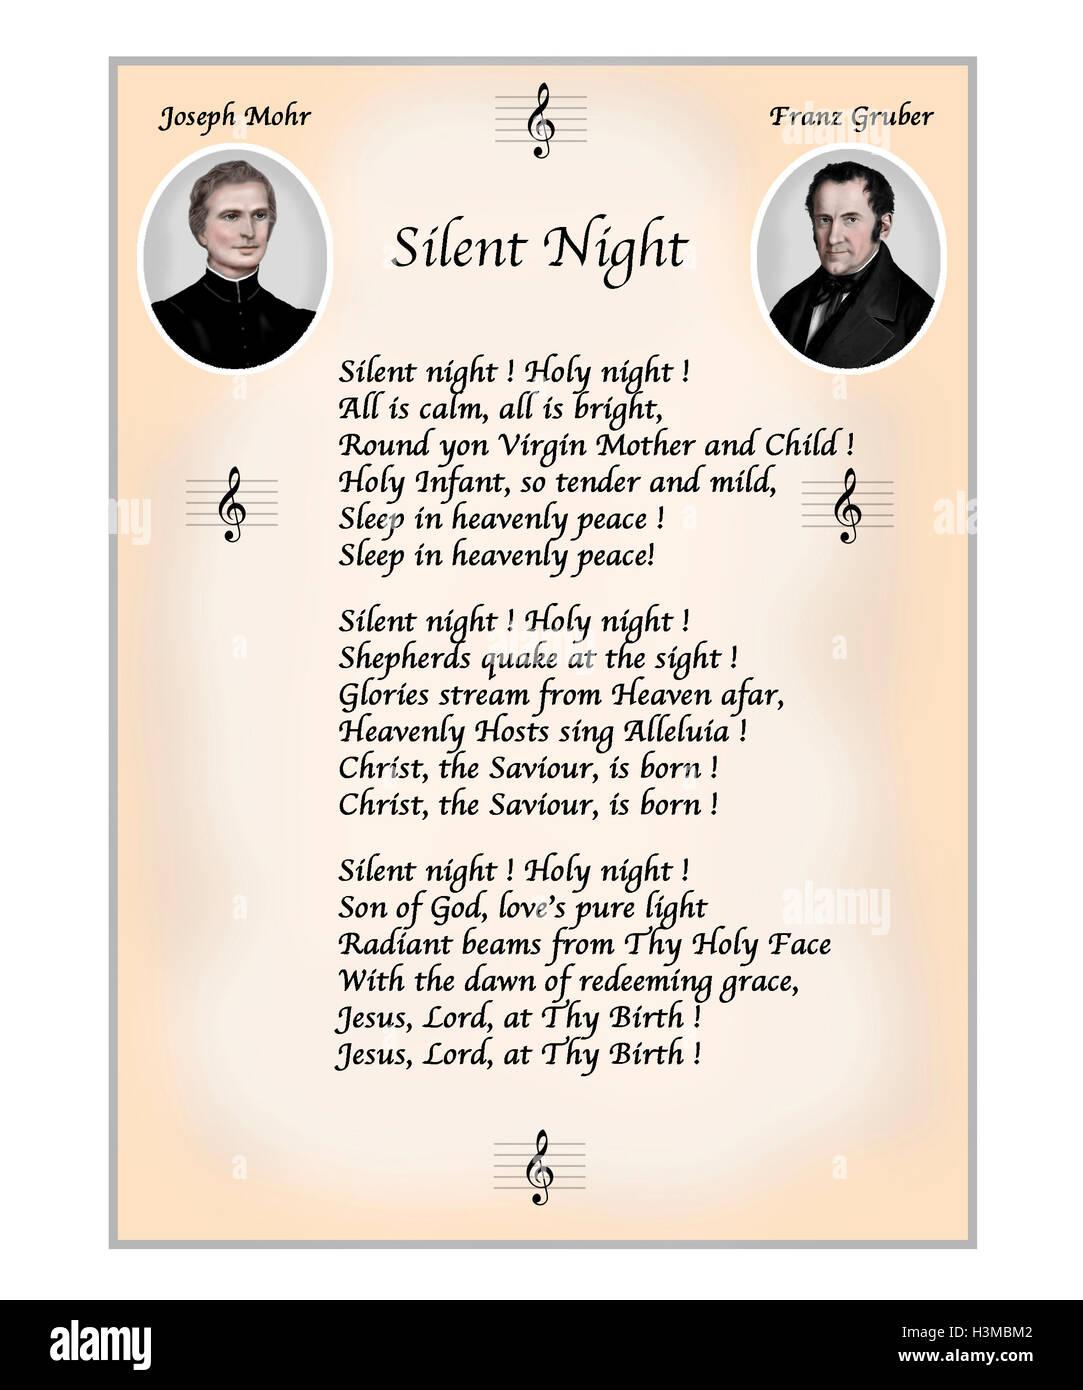 Notte silenziosa. Testo in inglese. Illustrazione moderna con ritratti del poeta Giuseppe Mohr e del compositore Immagini Stock